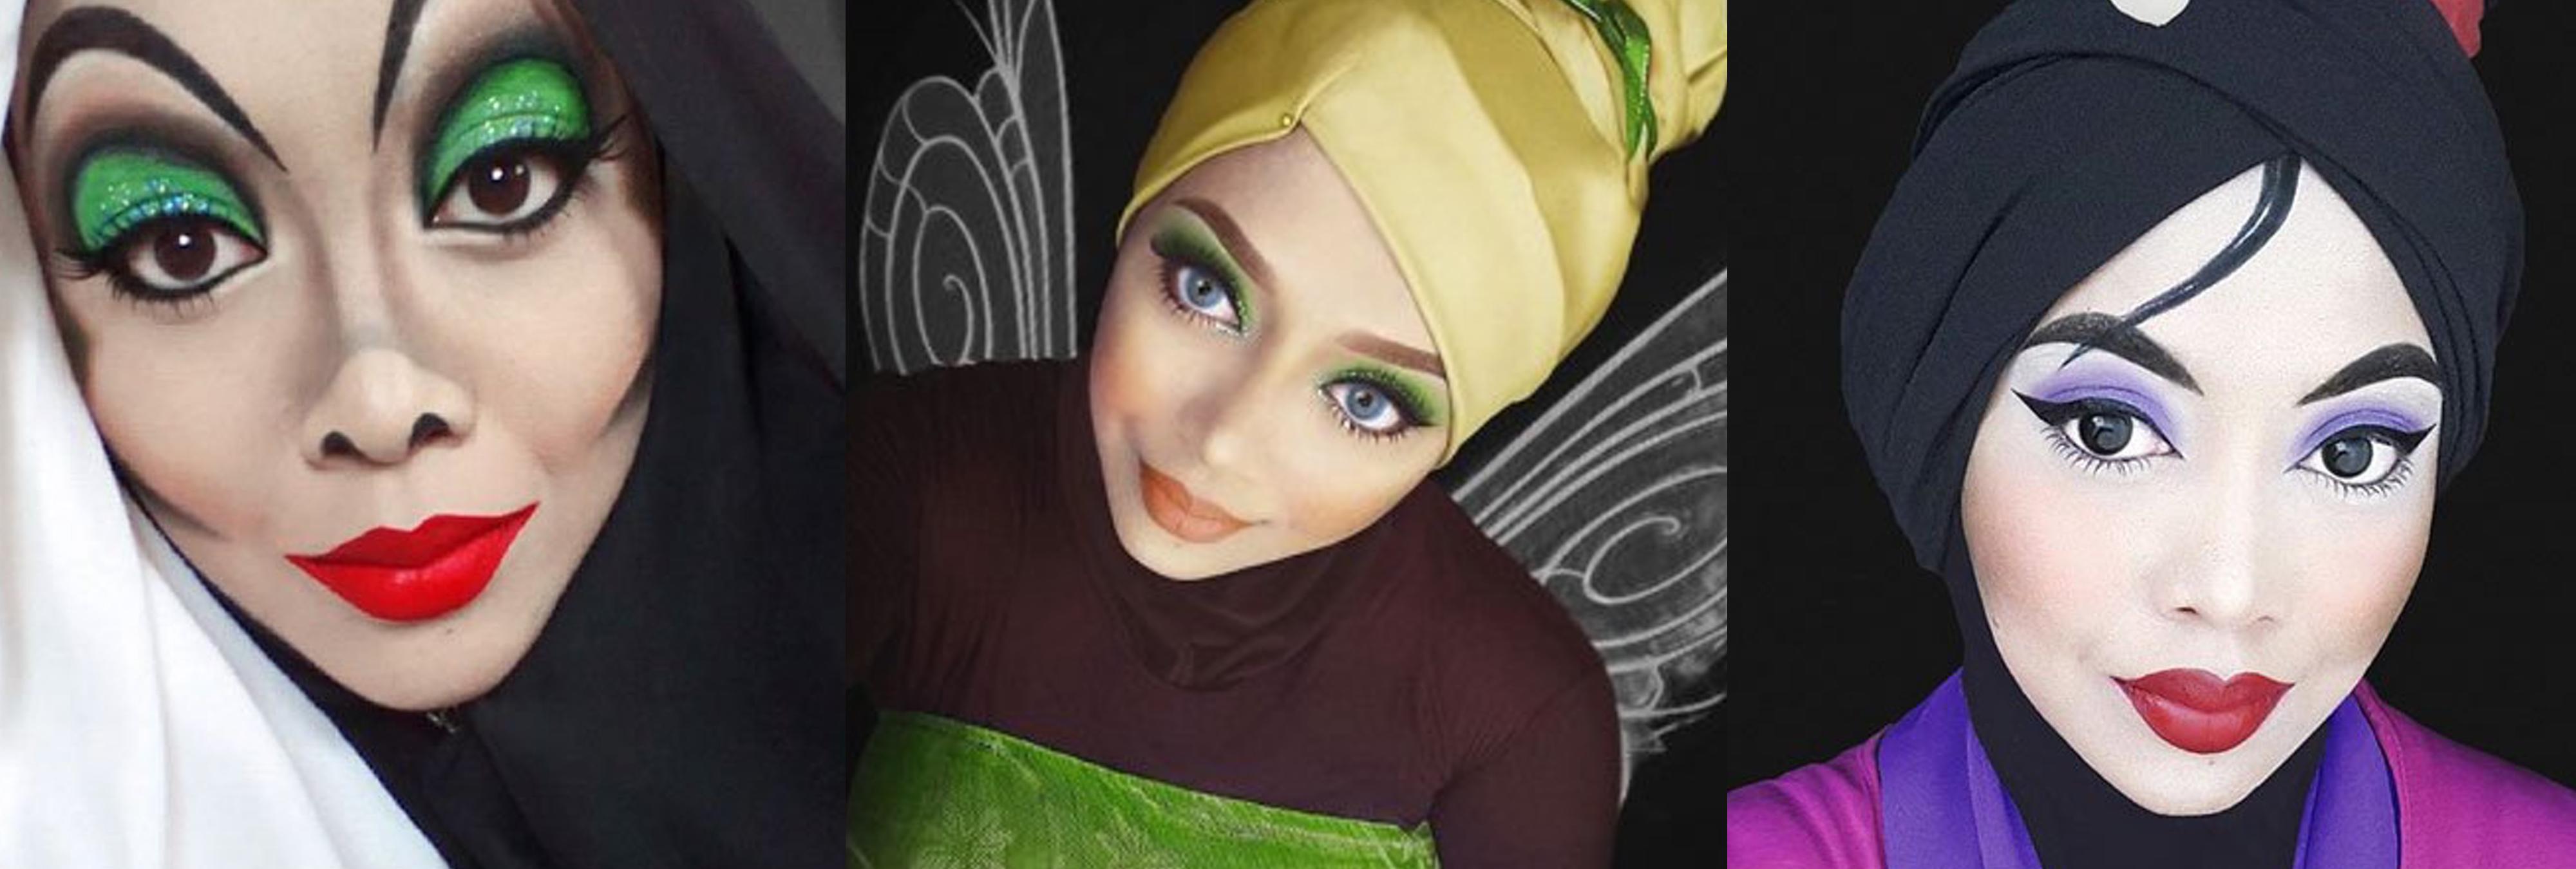 Utiliza sus hiyab para convertirse en todos los personajes Disney